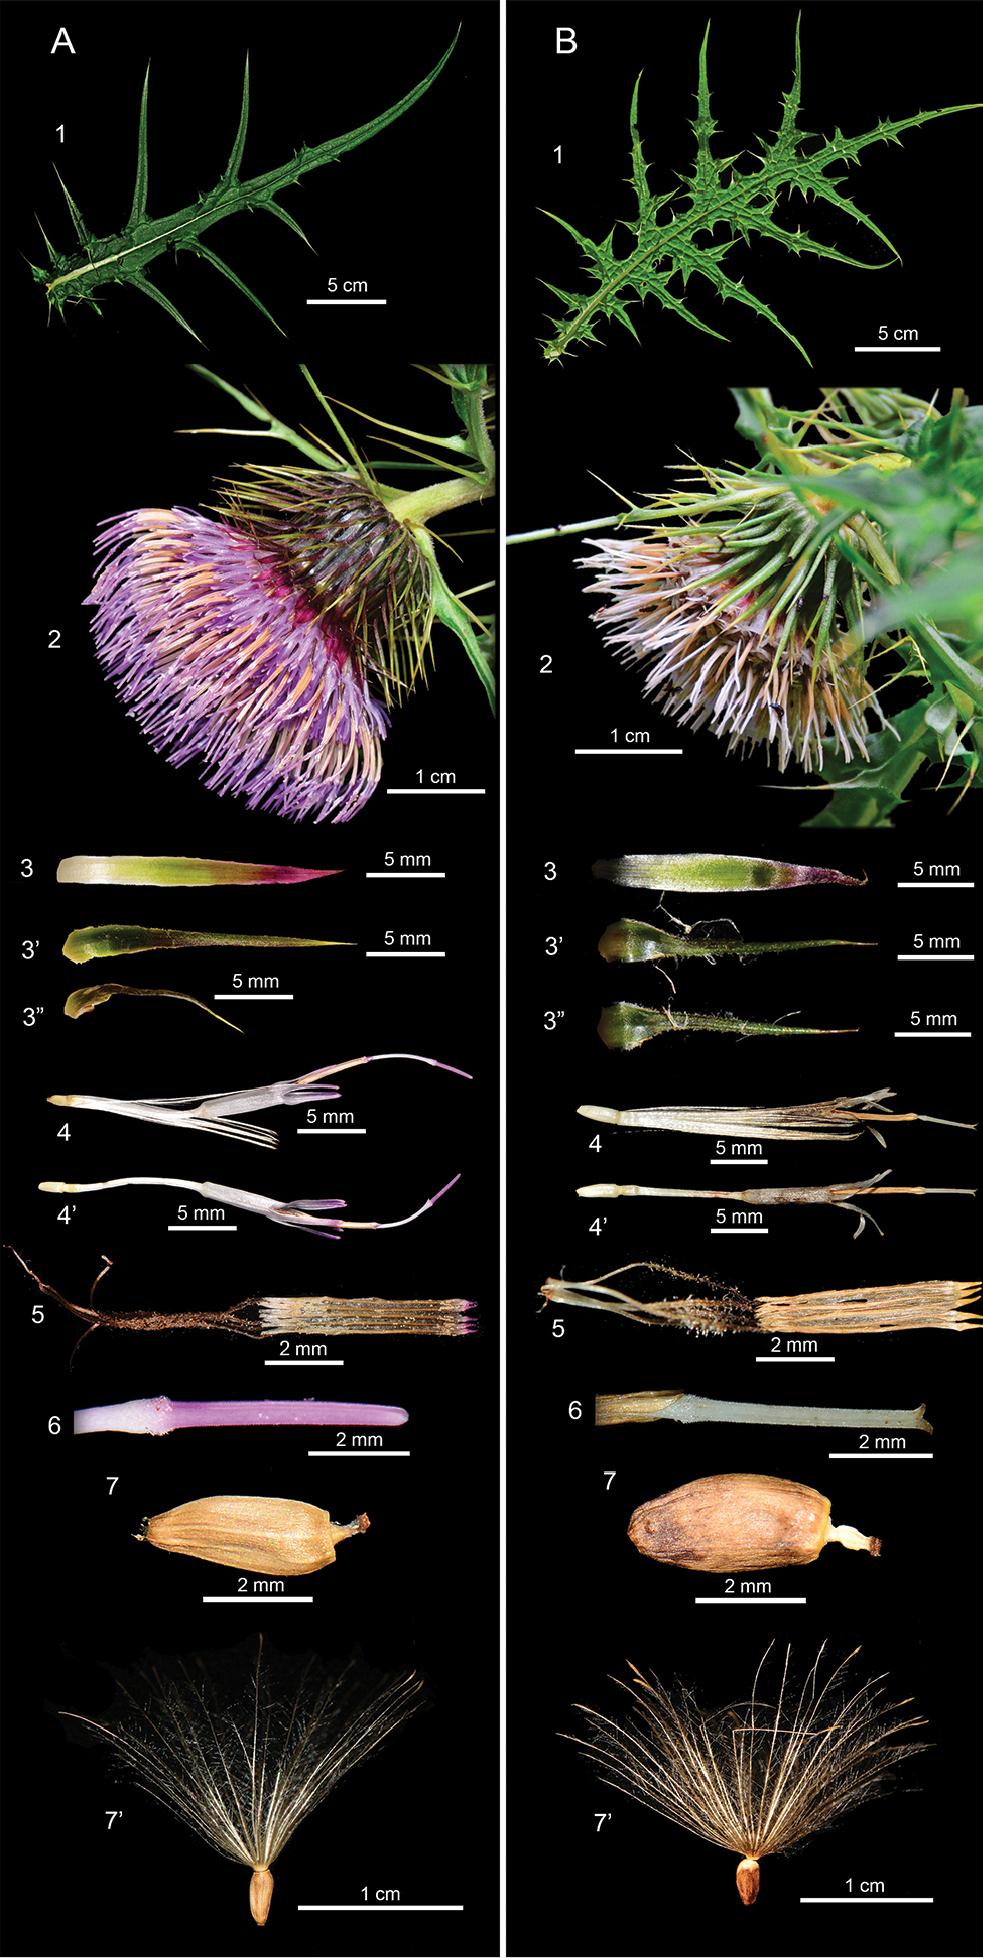 塔塔加薊(A)與玉山薊(B)型態差異。圖片來源:興大森林系副教授曾彥學研究團隊提供